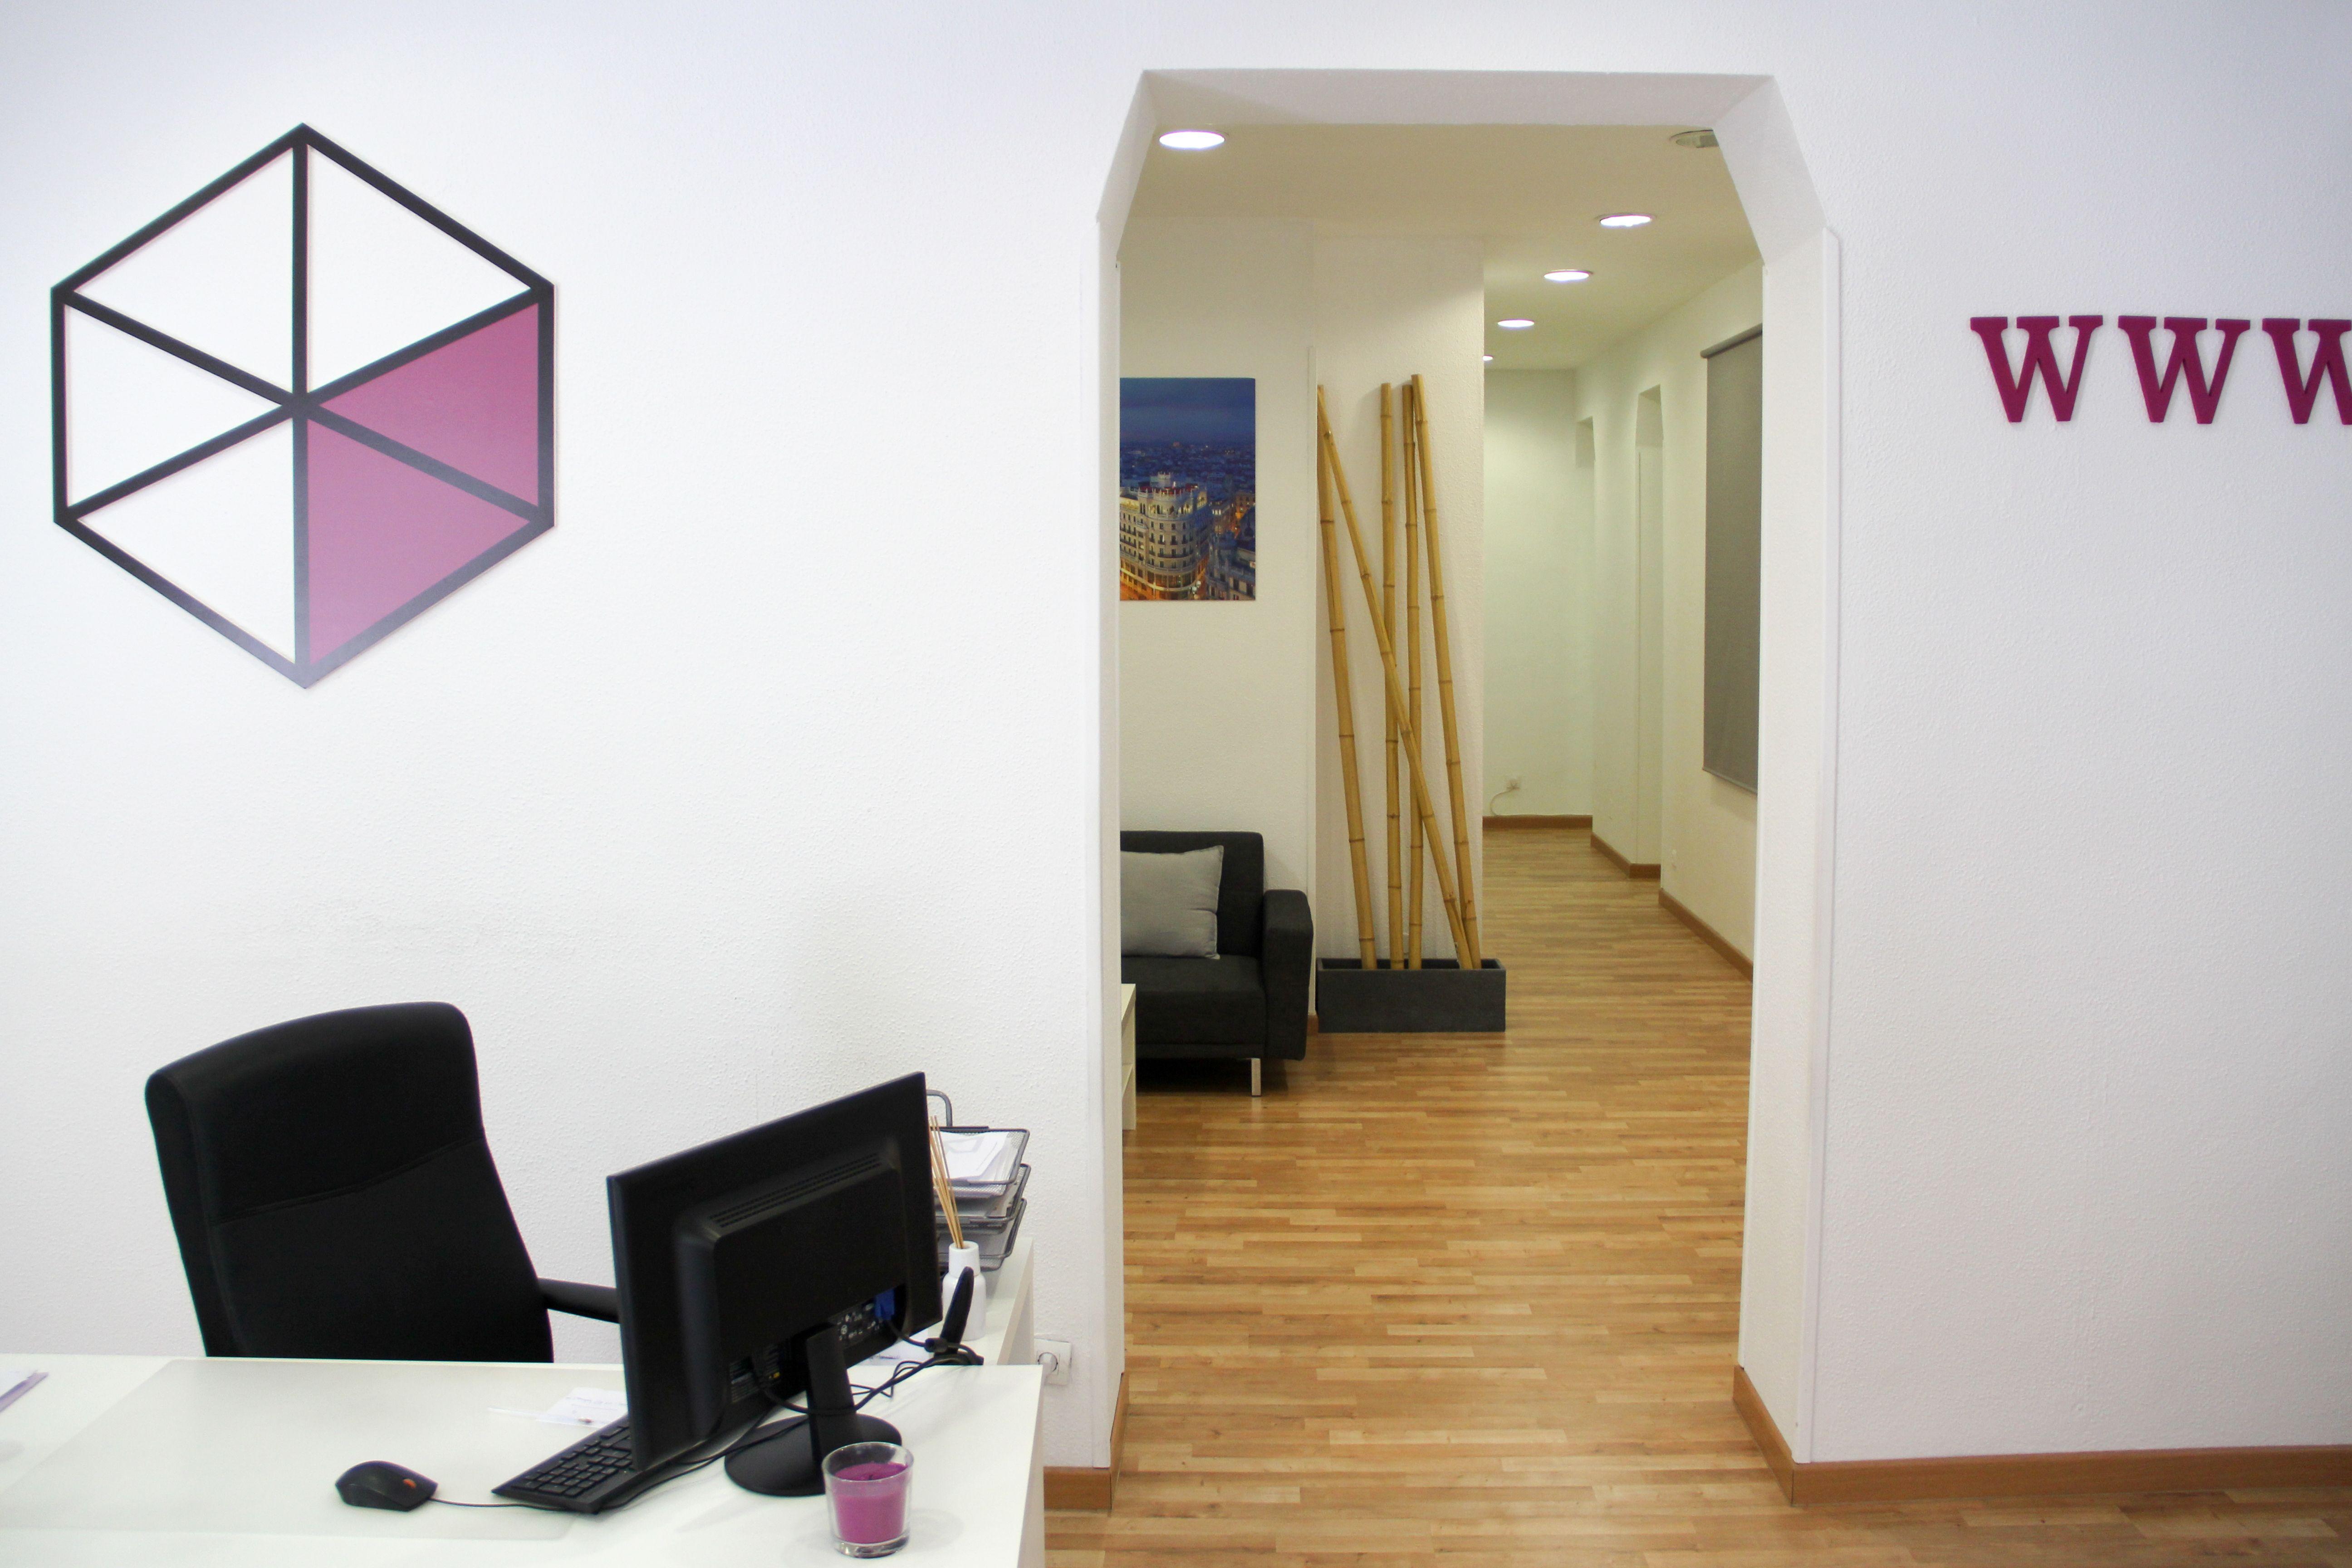 Somos una empresa con oficina en la capital